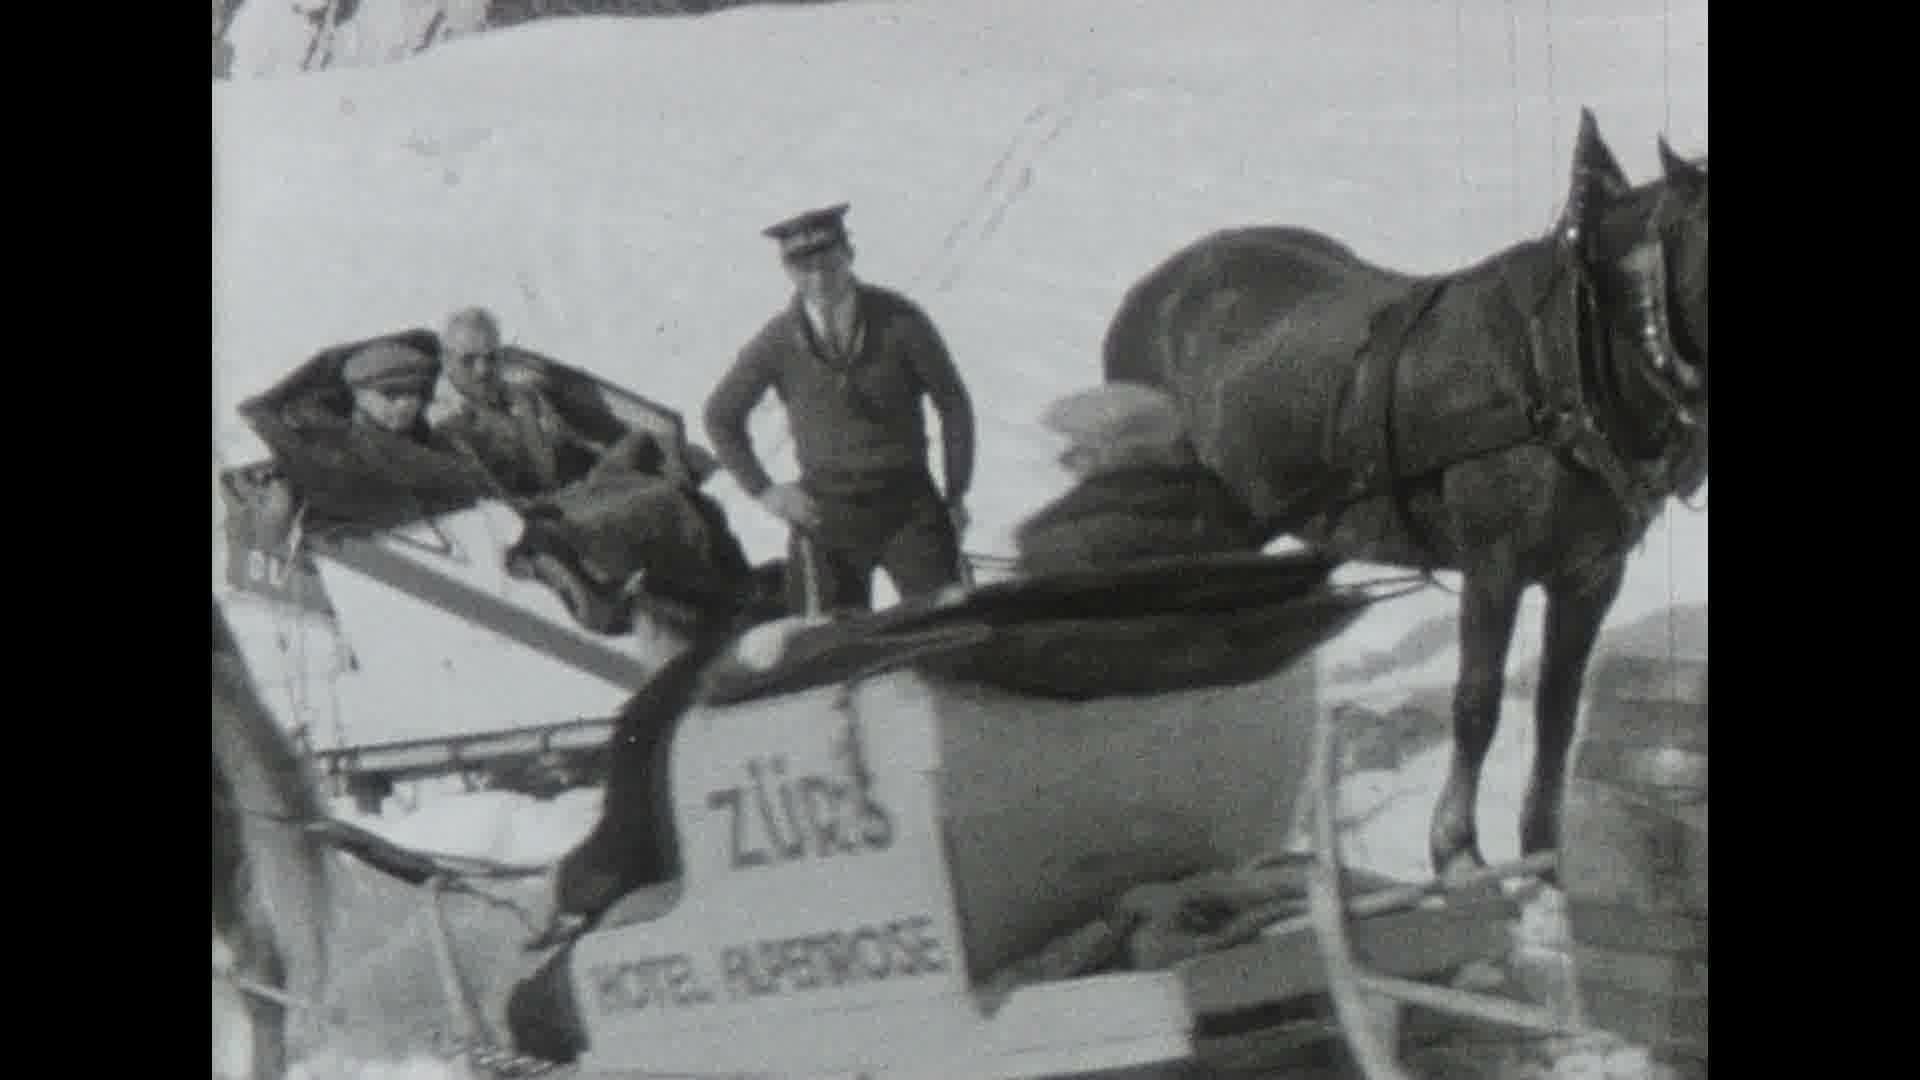 Ski Heil ! Ski Heil ! Ski Heil ! Zürs am Arlberg 1935-1936